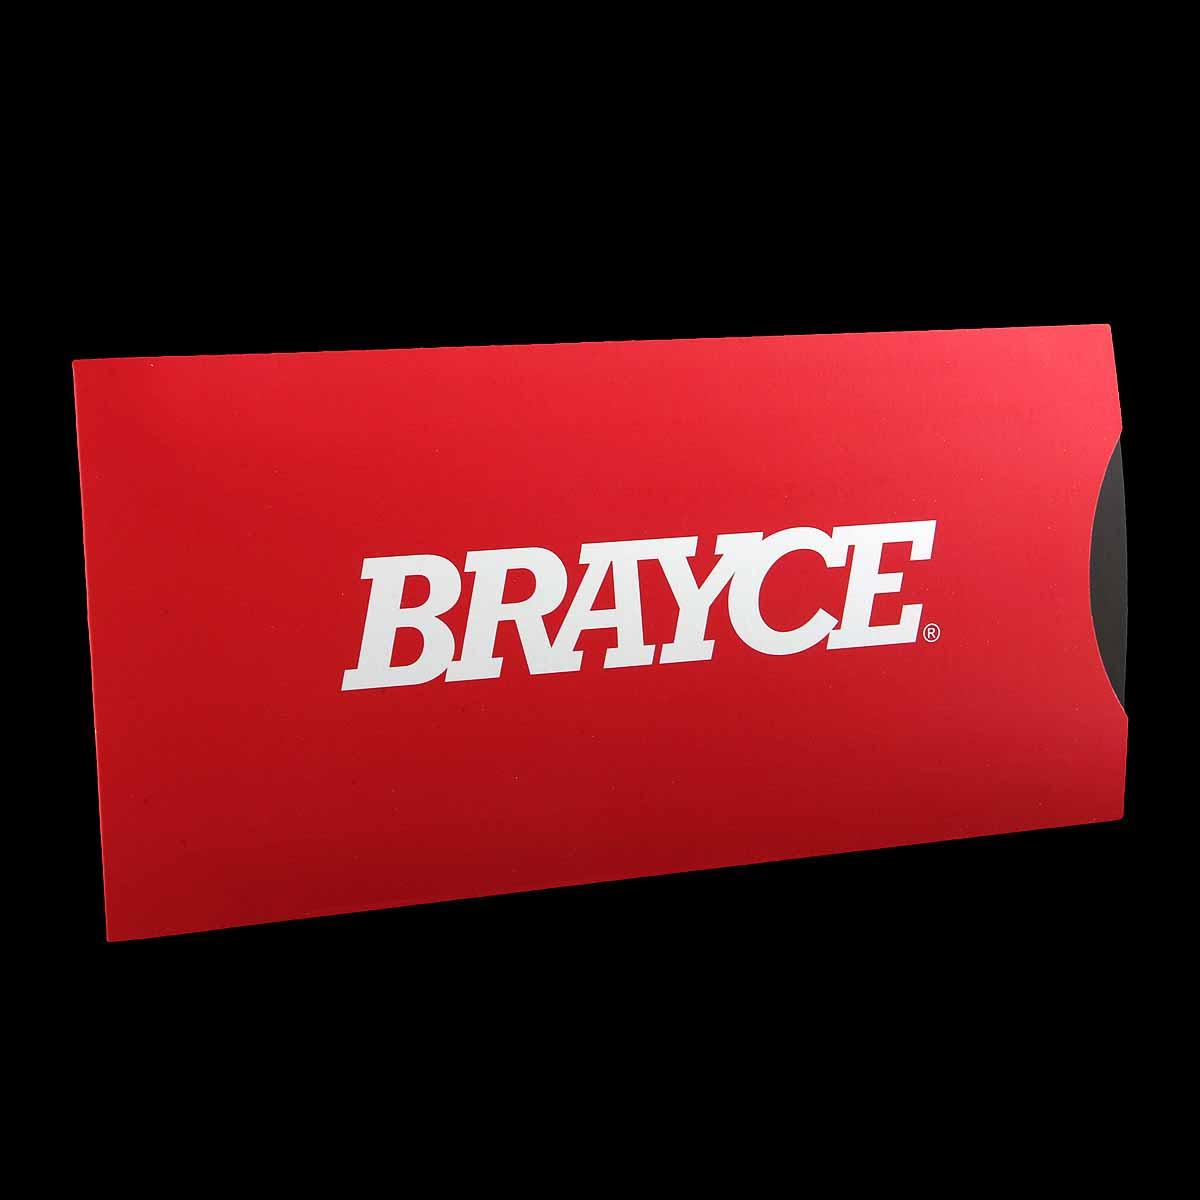 BRAYCE® Gutschein zum Verschenken